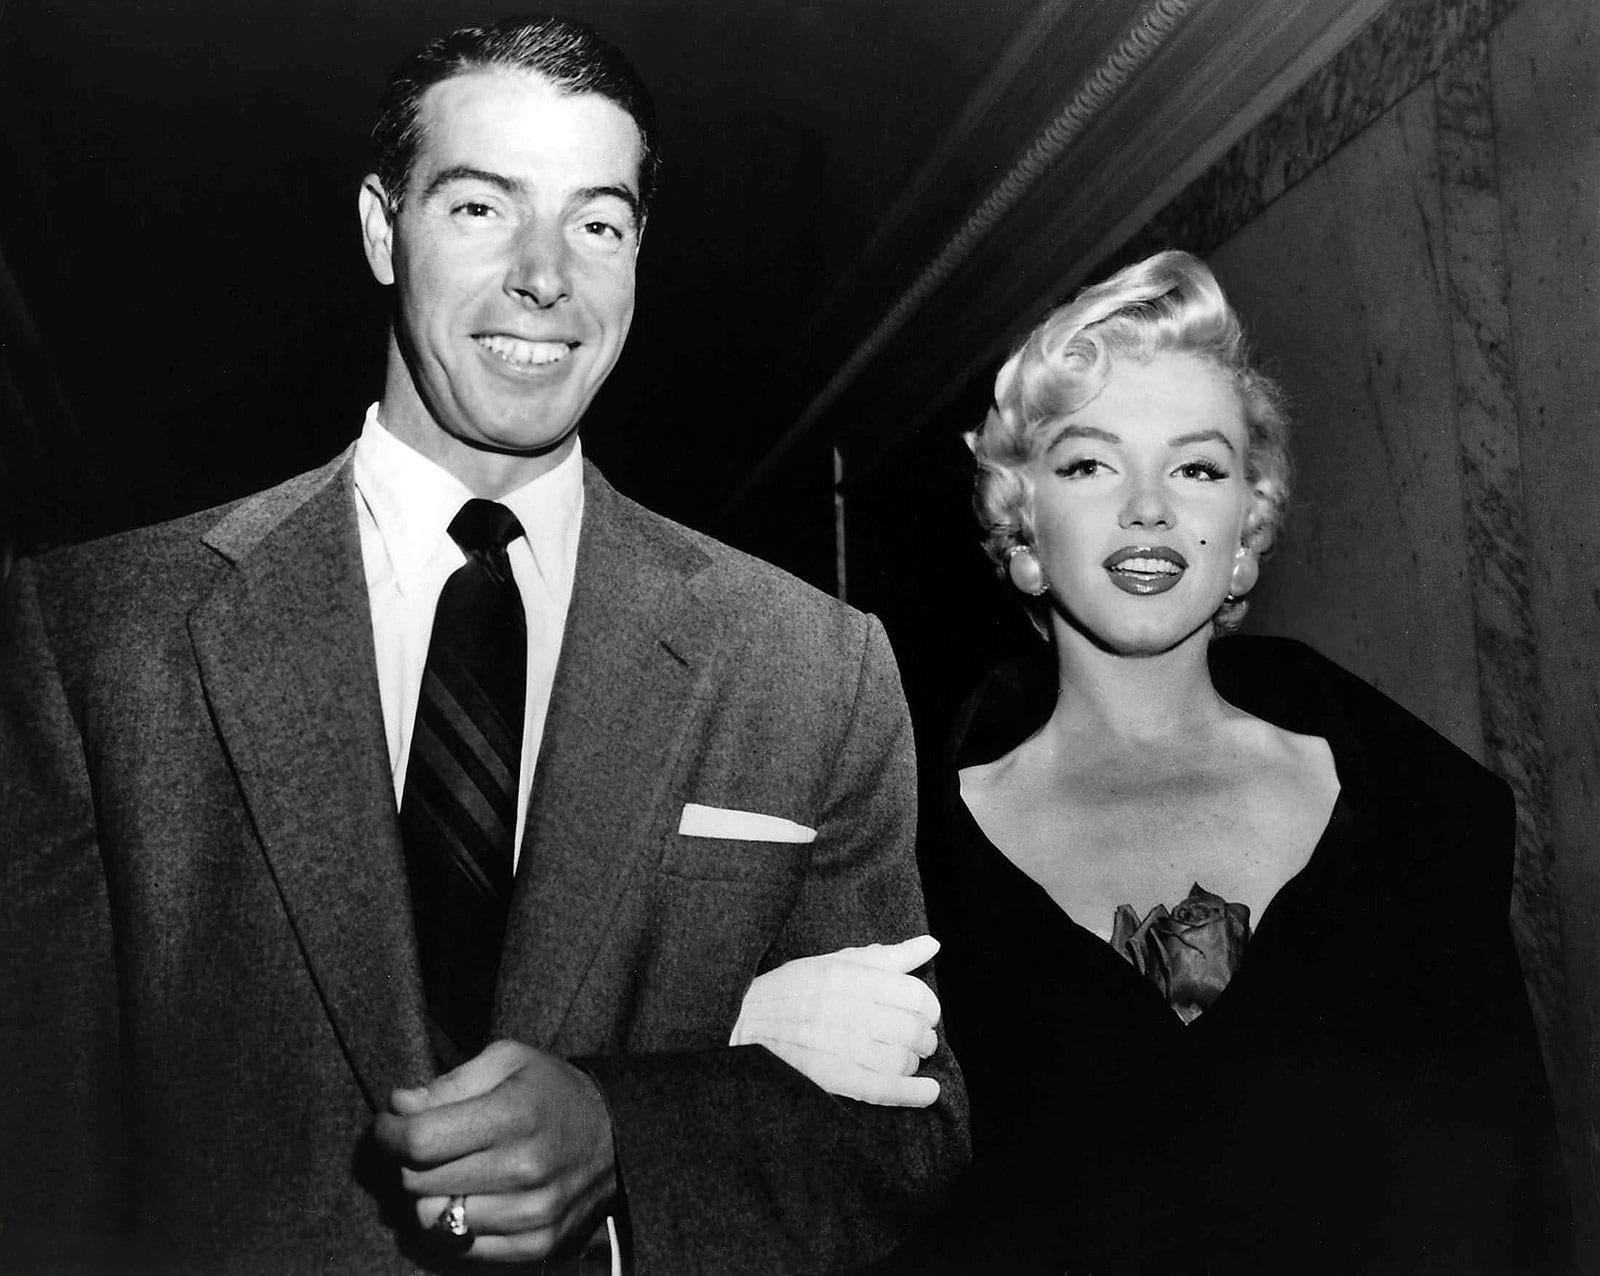 VZN News: Bi kịch biểu tượng sex Hollywood Marilyn Monroe: Mẹ hóa điên, 5 lần 7 lượt bị xâm hại, 3 lần qua đò và cái chết bí ẩn - Ảnh 4.